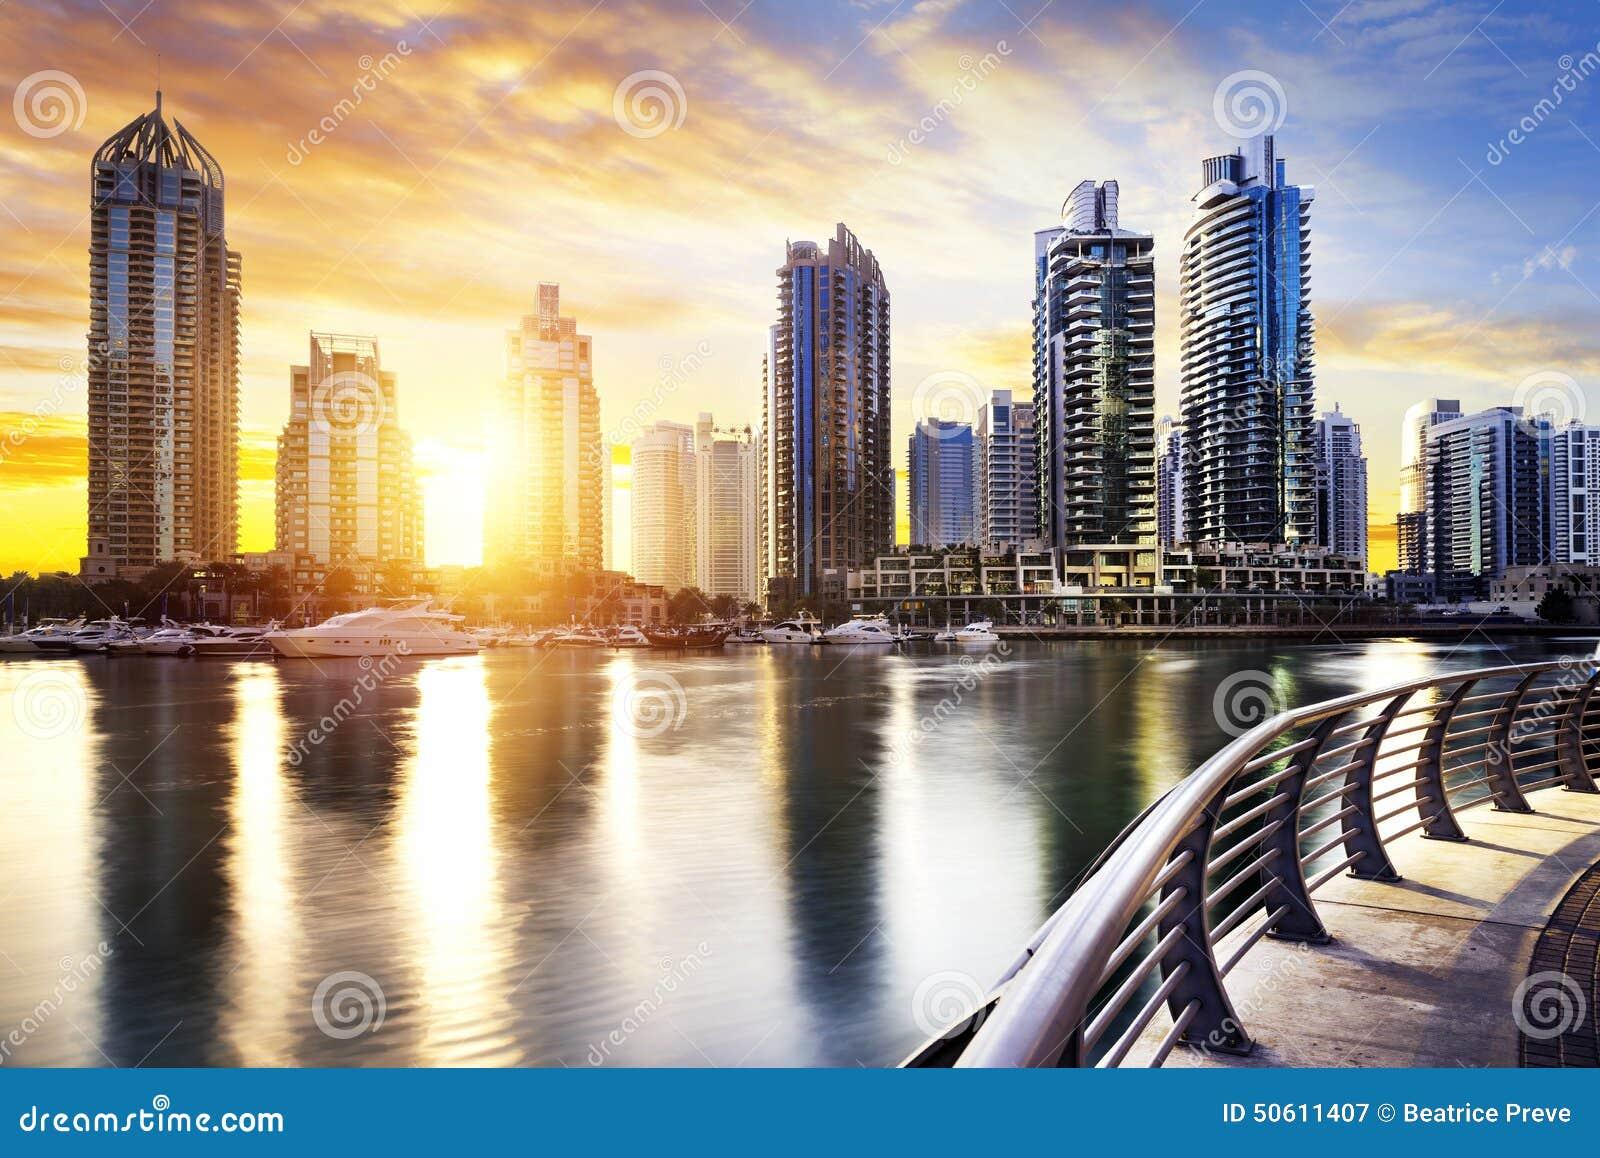 paysage urbain de duba la nuit emirats arabes unis image stock image du bleu m tropole. Black Bedroom Furniture Sets. Home Design Ideas